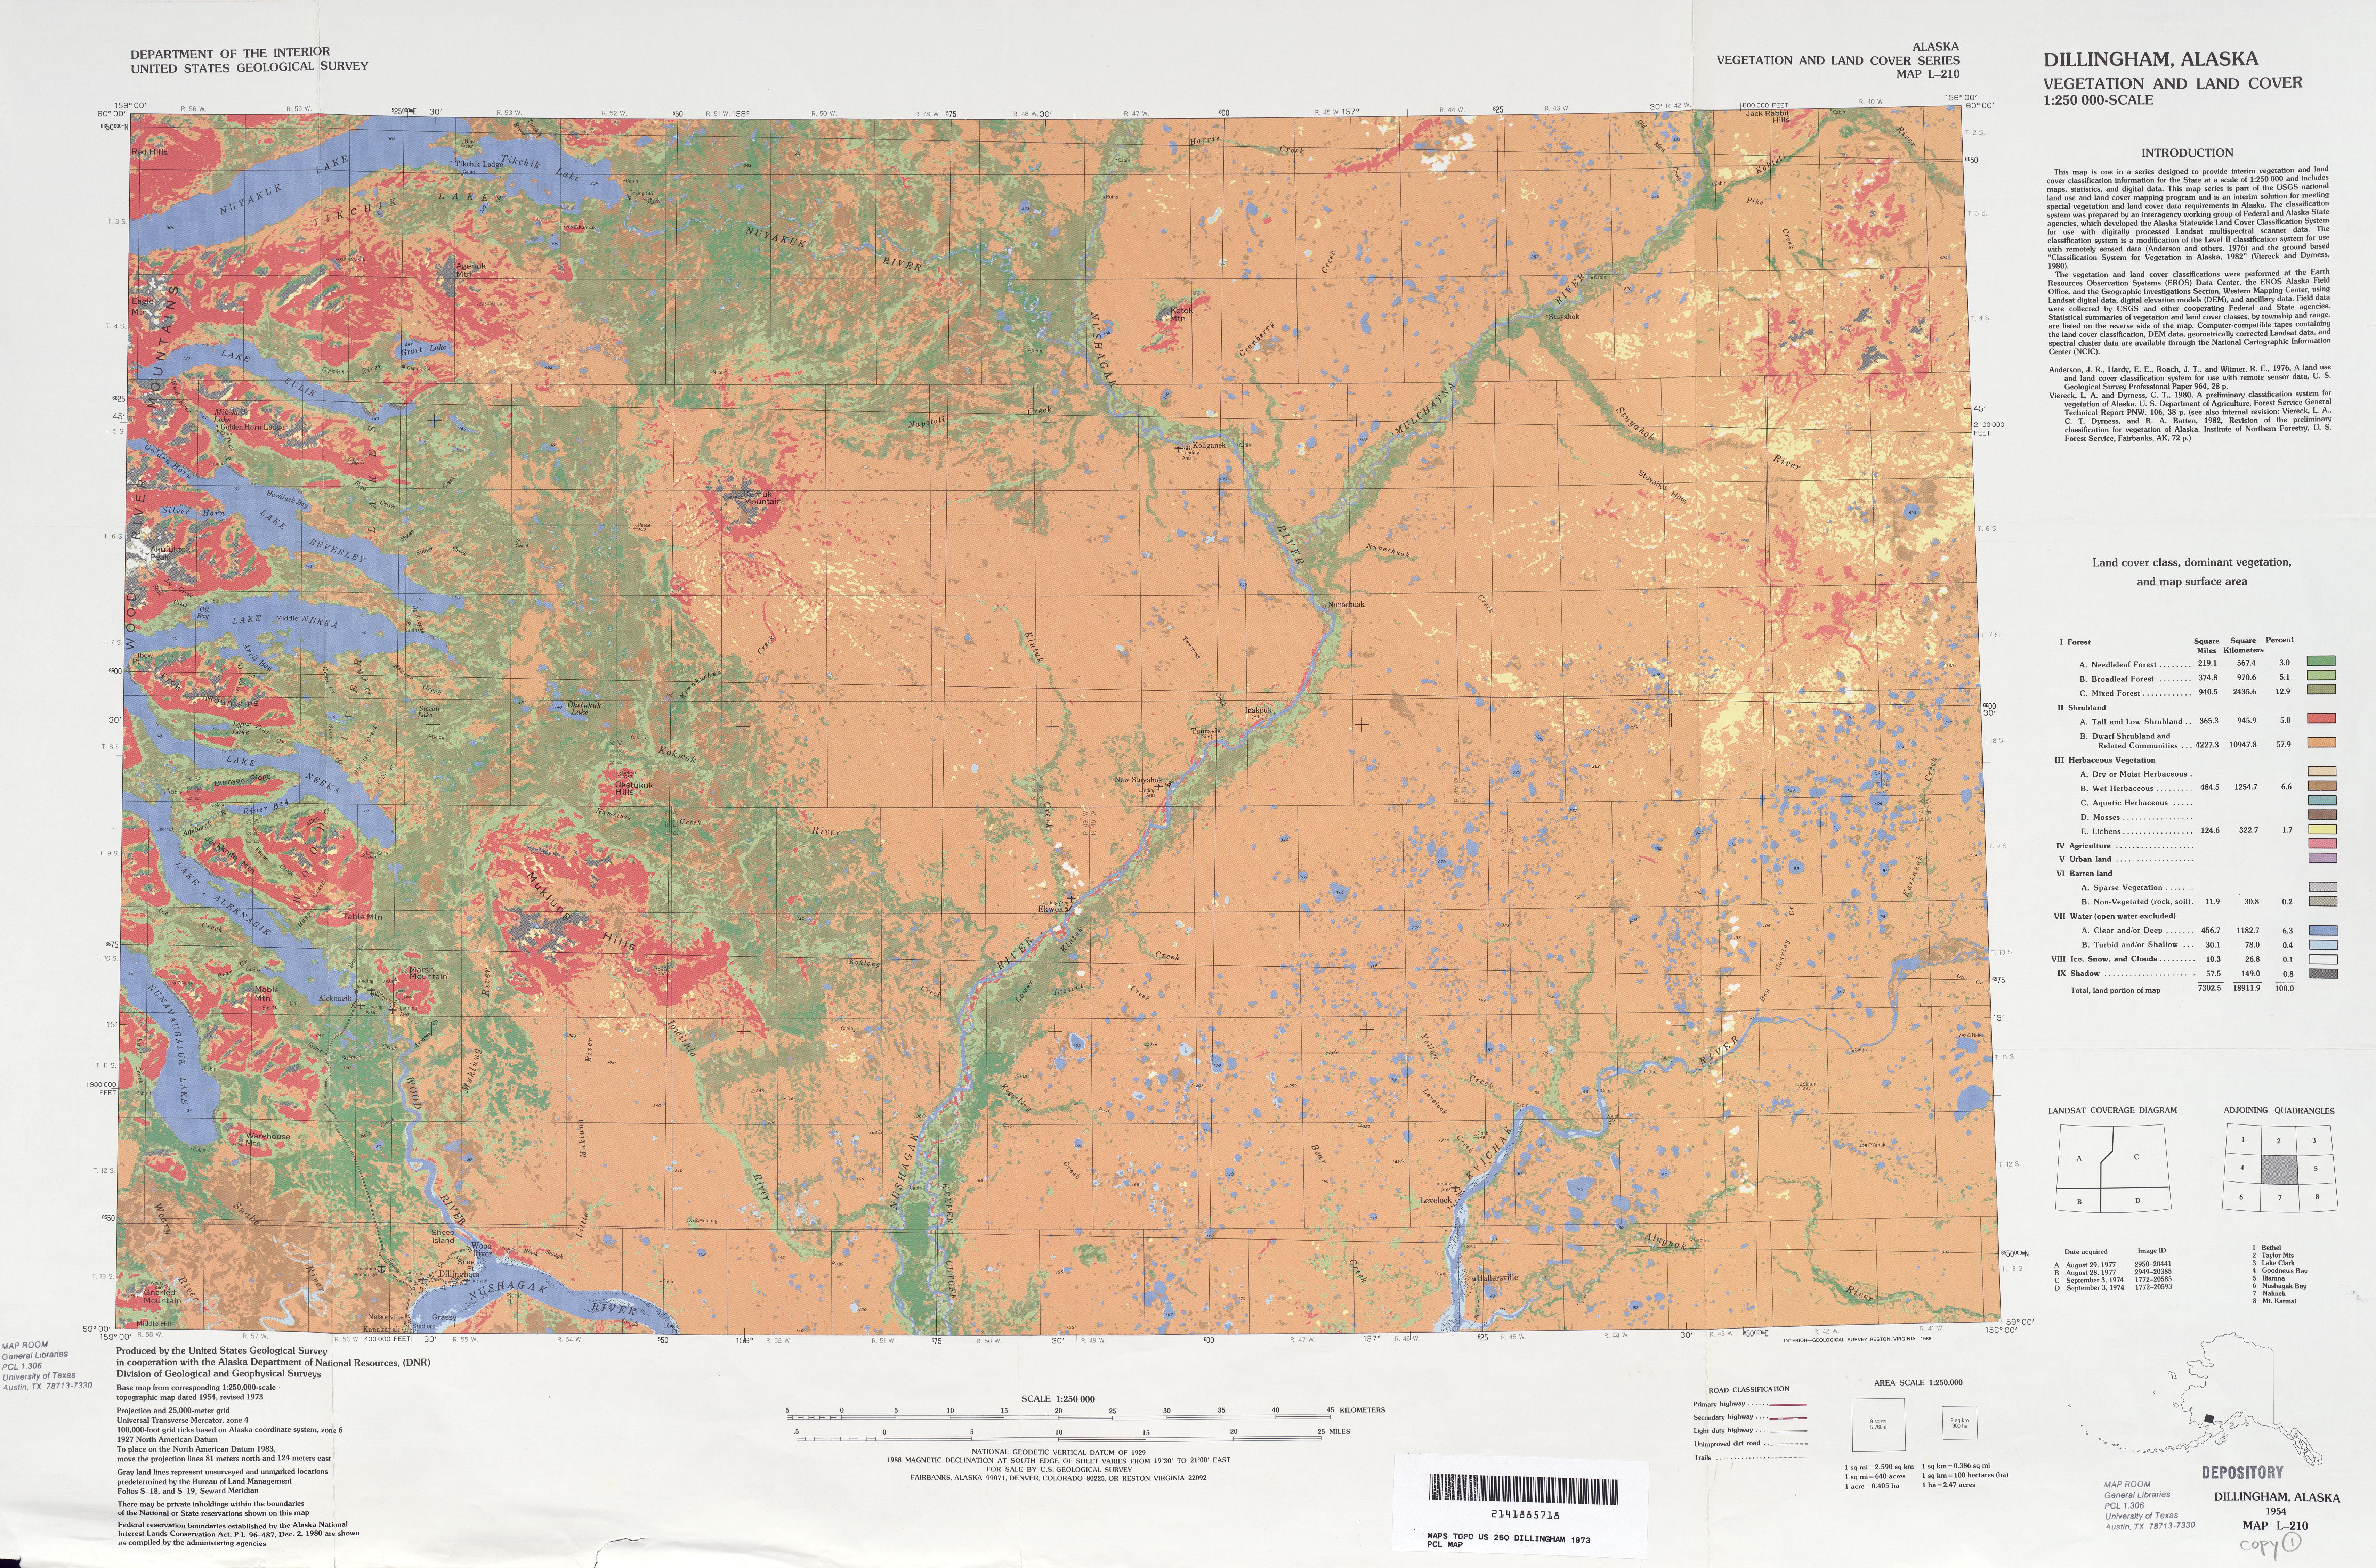 Hoja Dillingham del Mapa de Vegetación y Cubierta Terrestre de los Estados Unidos 1973